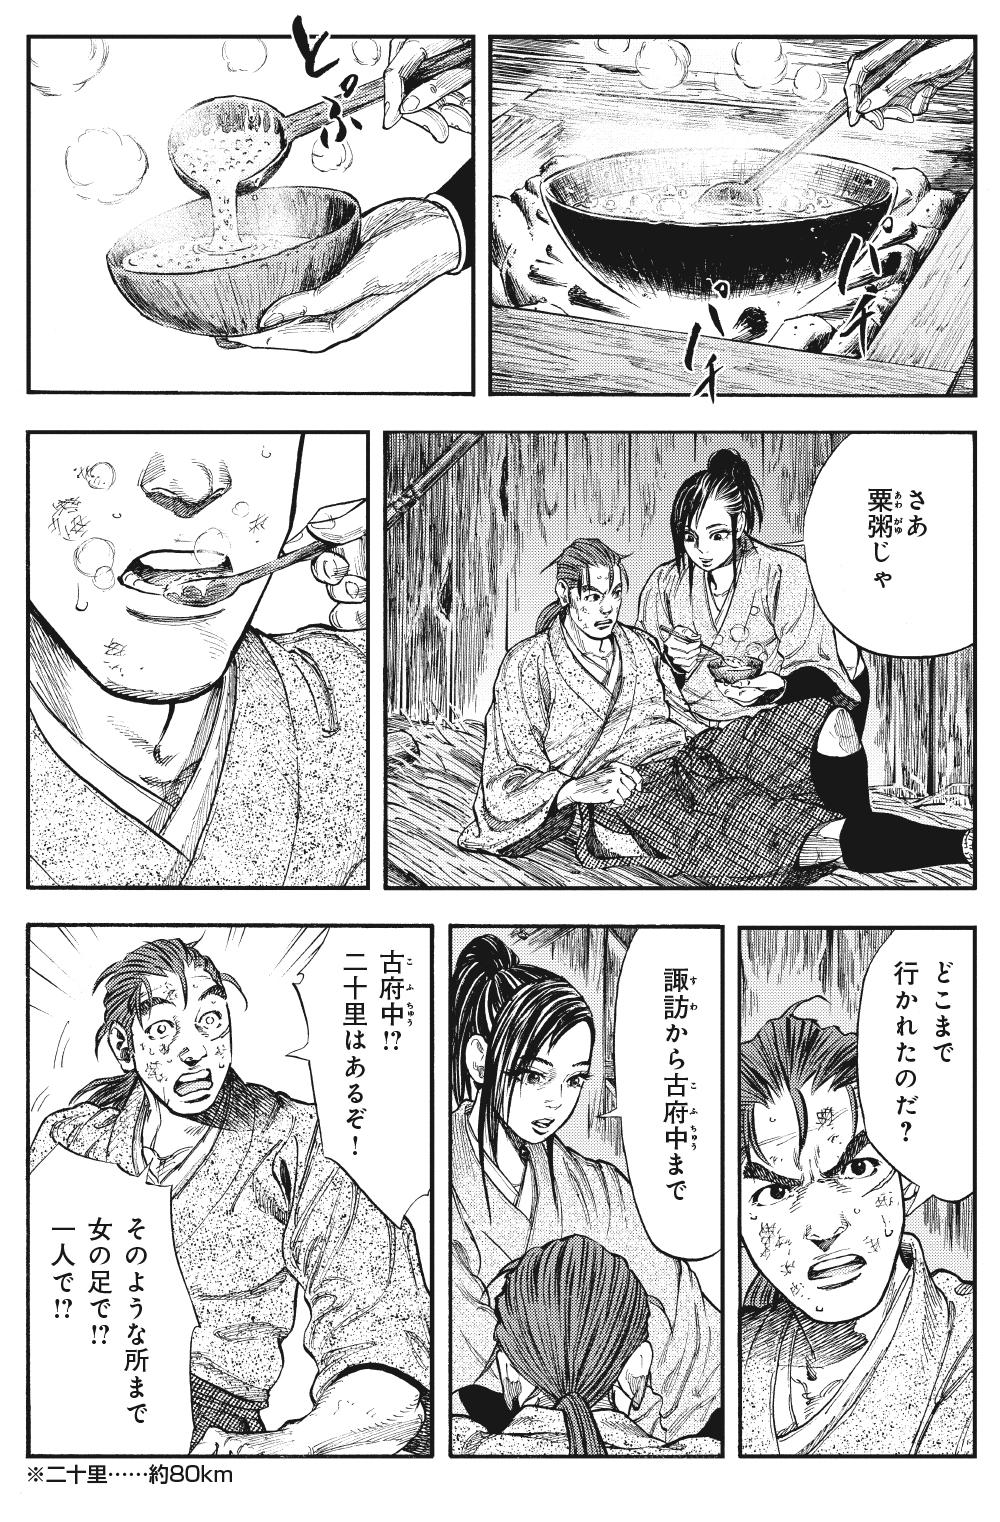 真田太平記 第6話「忍び小屋」①sanada11-06.jpg